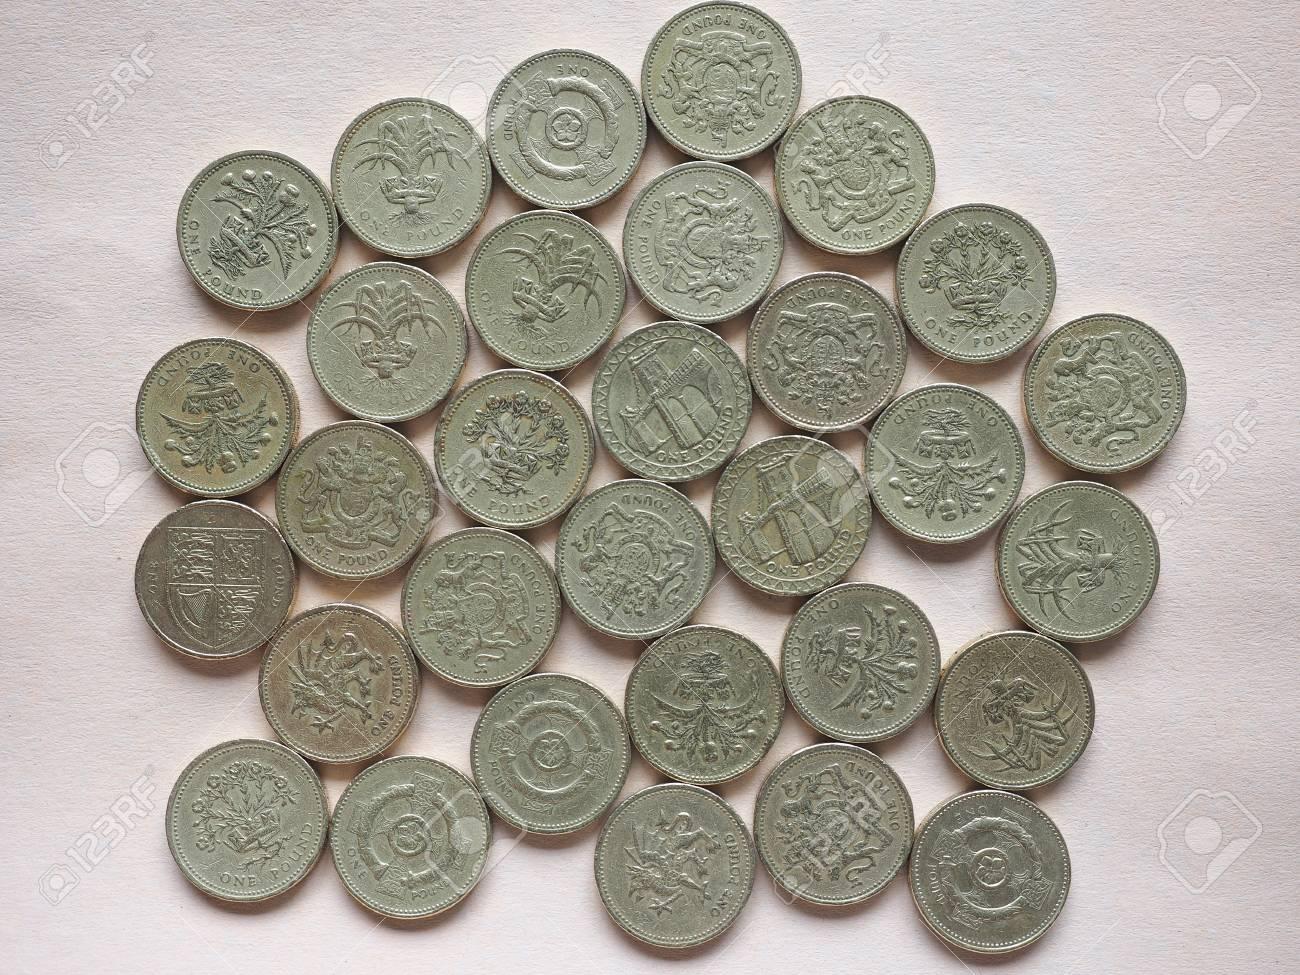 Britischen Pfund Münzen Währung Des Vereinigten Königreichs